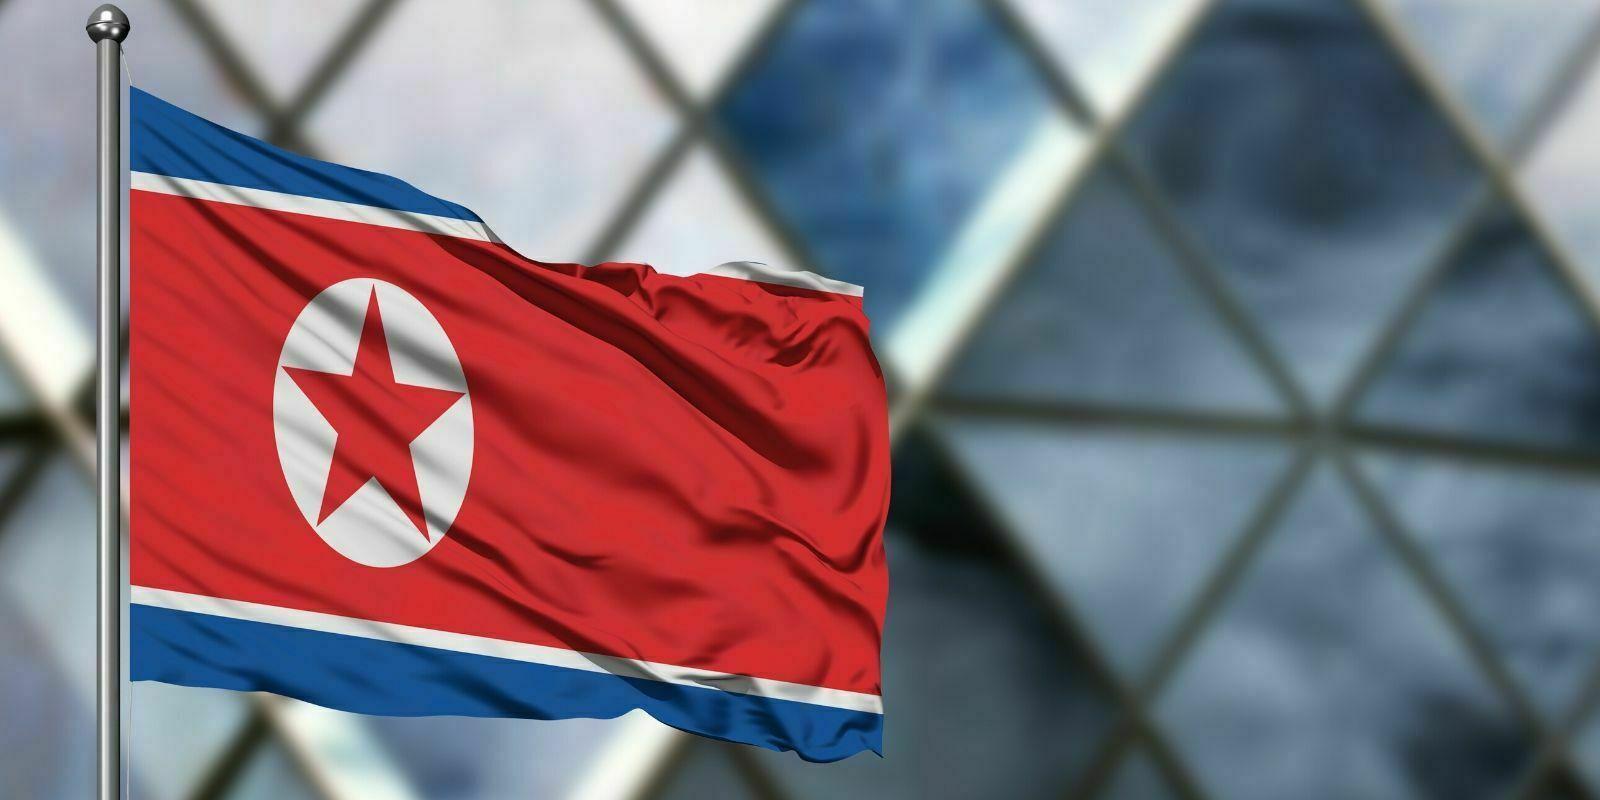 Le FBI arrête un développeur Ethereum accusé d'avoir aidé la Corée du Nord à échapper aux sanctions